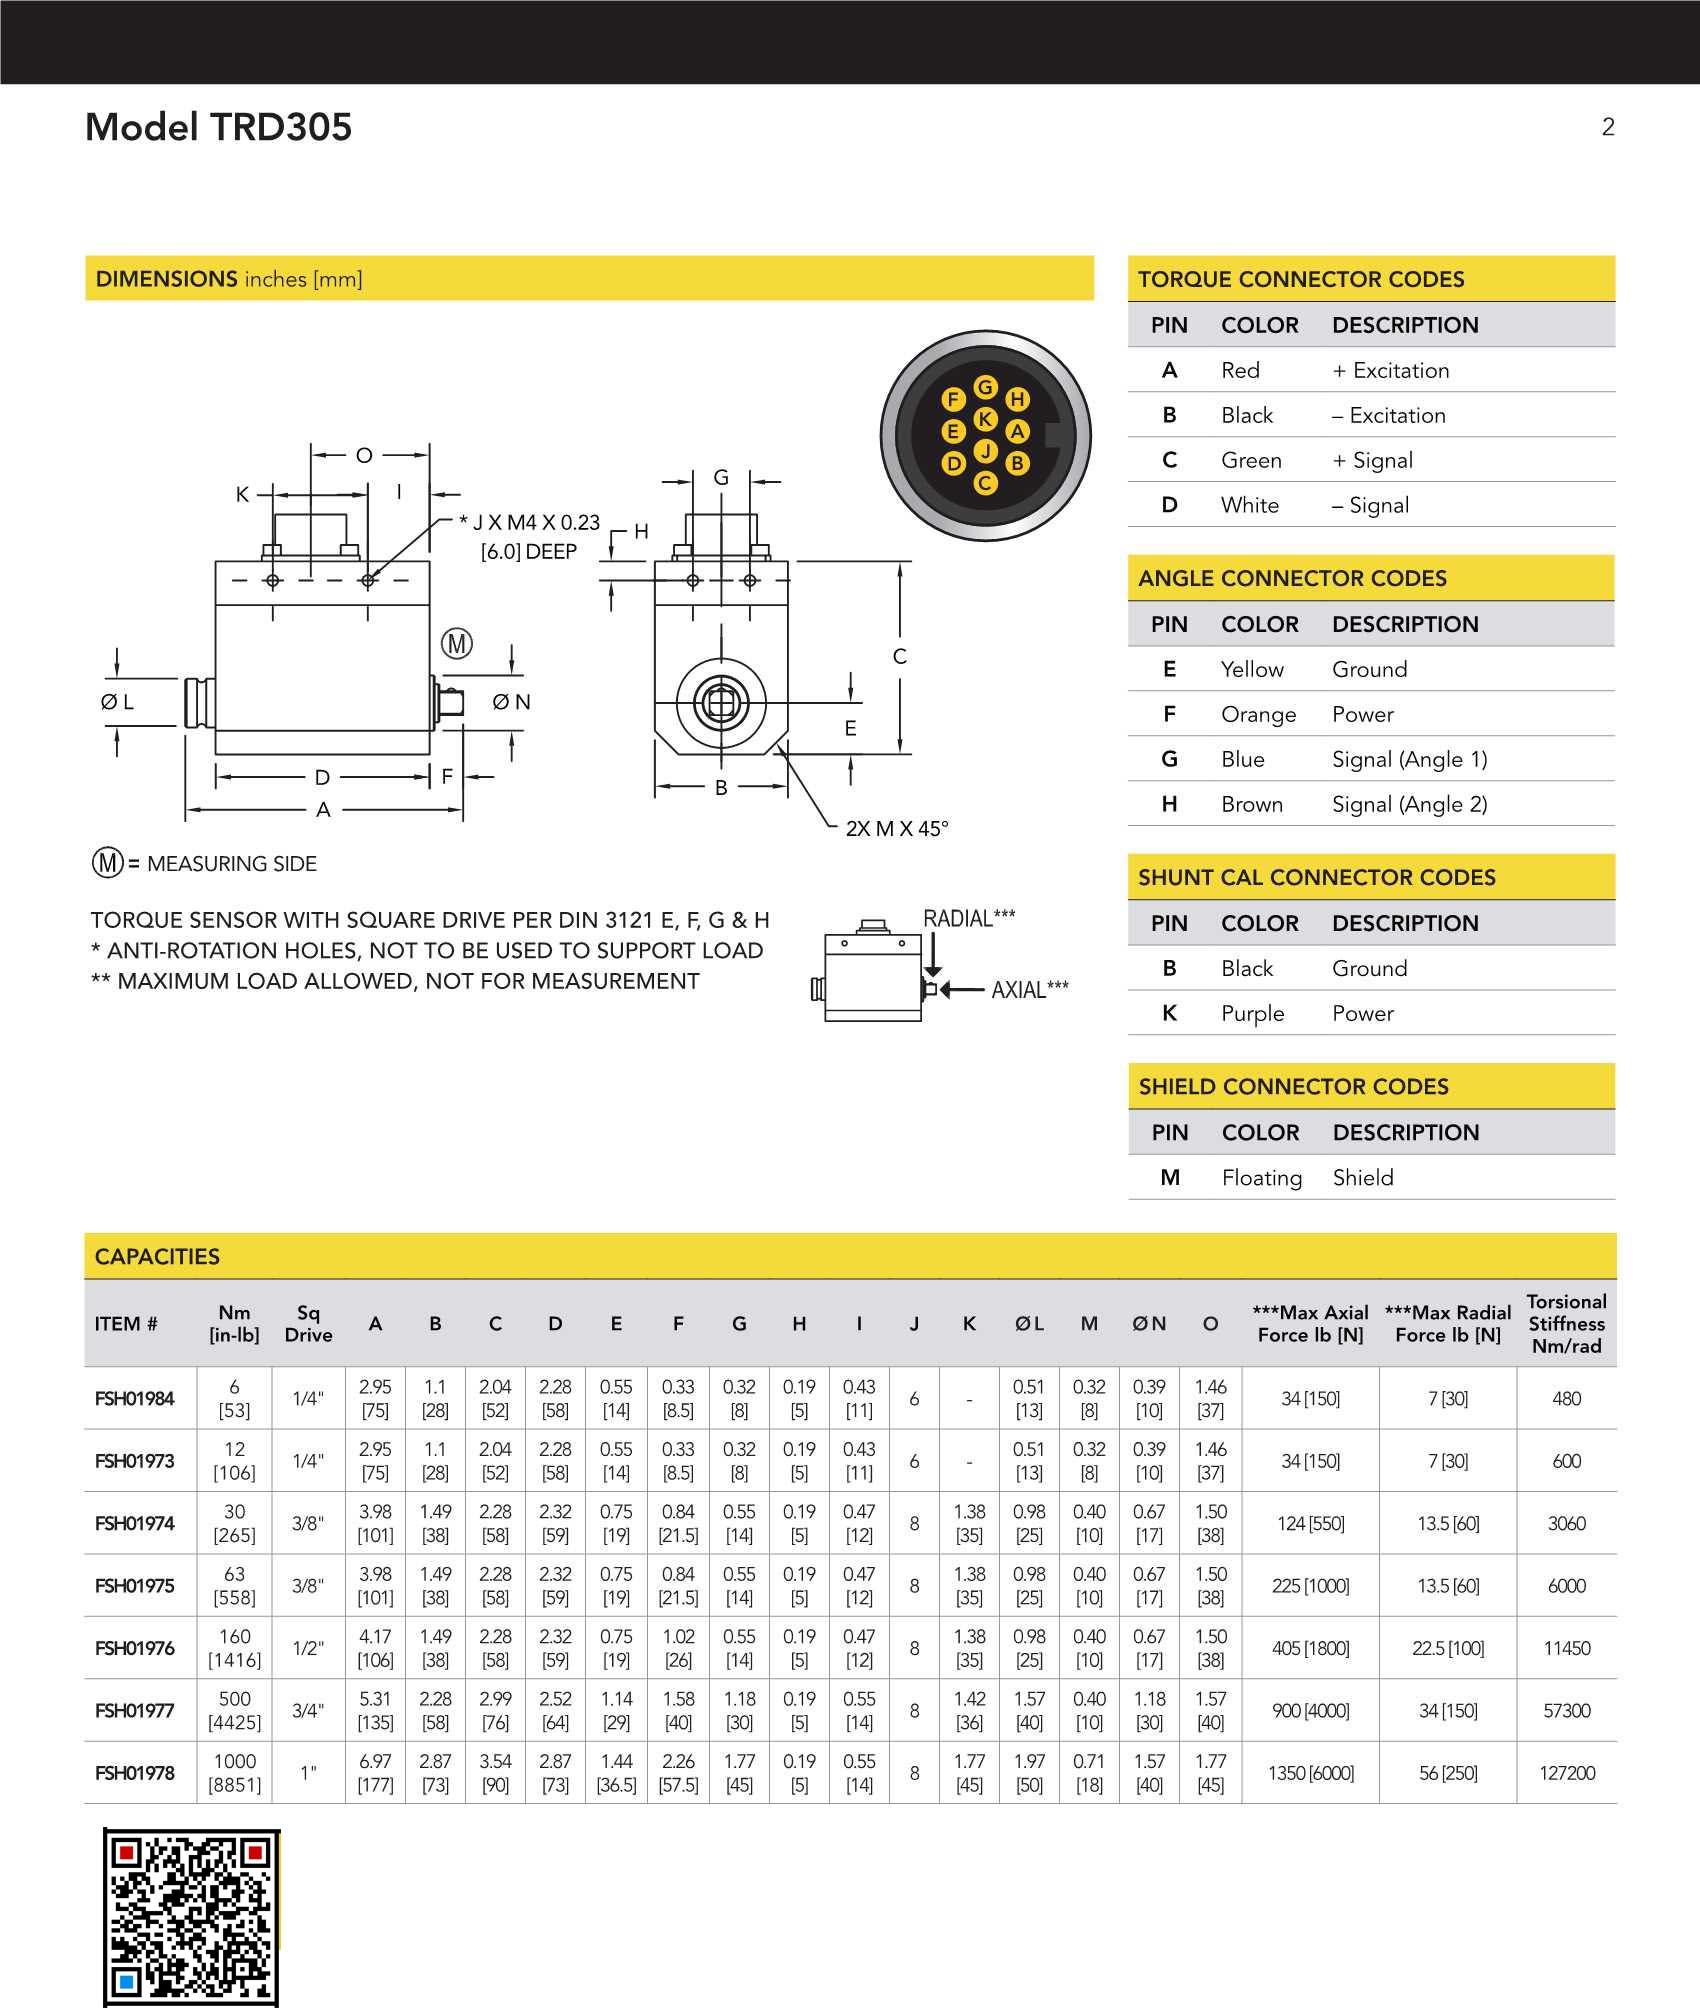 TRD305扭矩传感器-动态动旋转式四方驱动头传感器